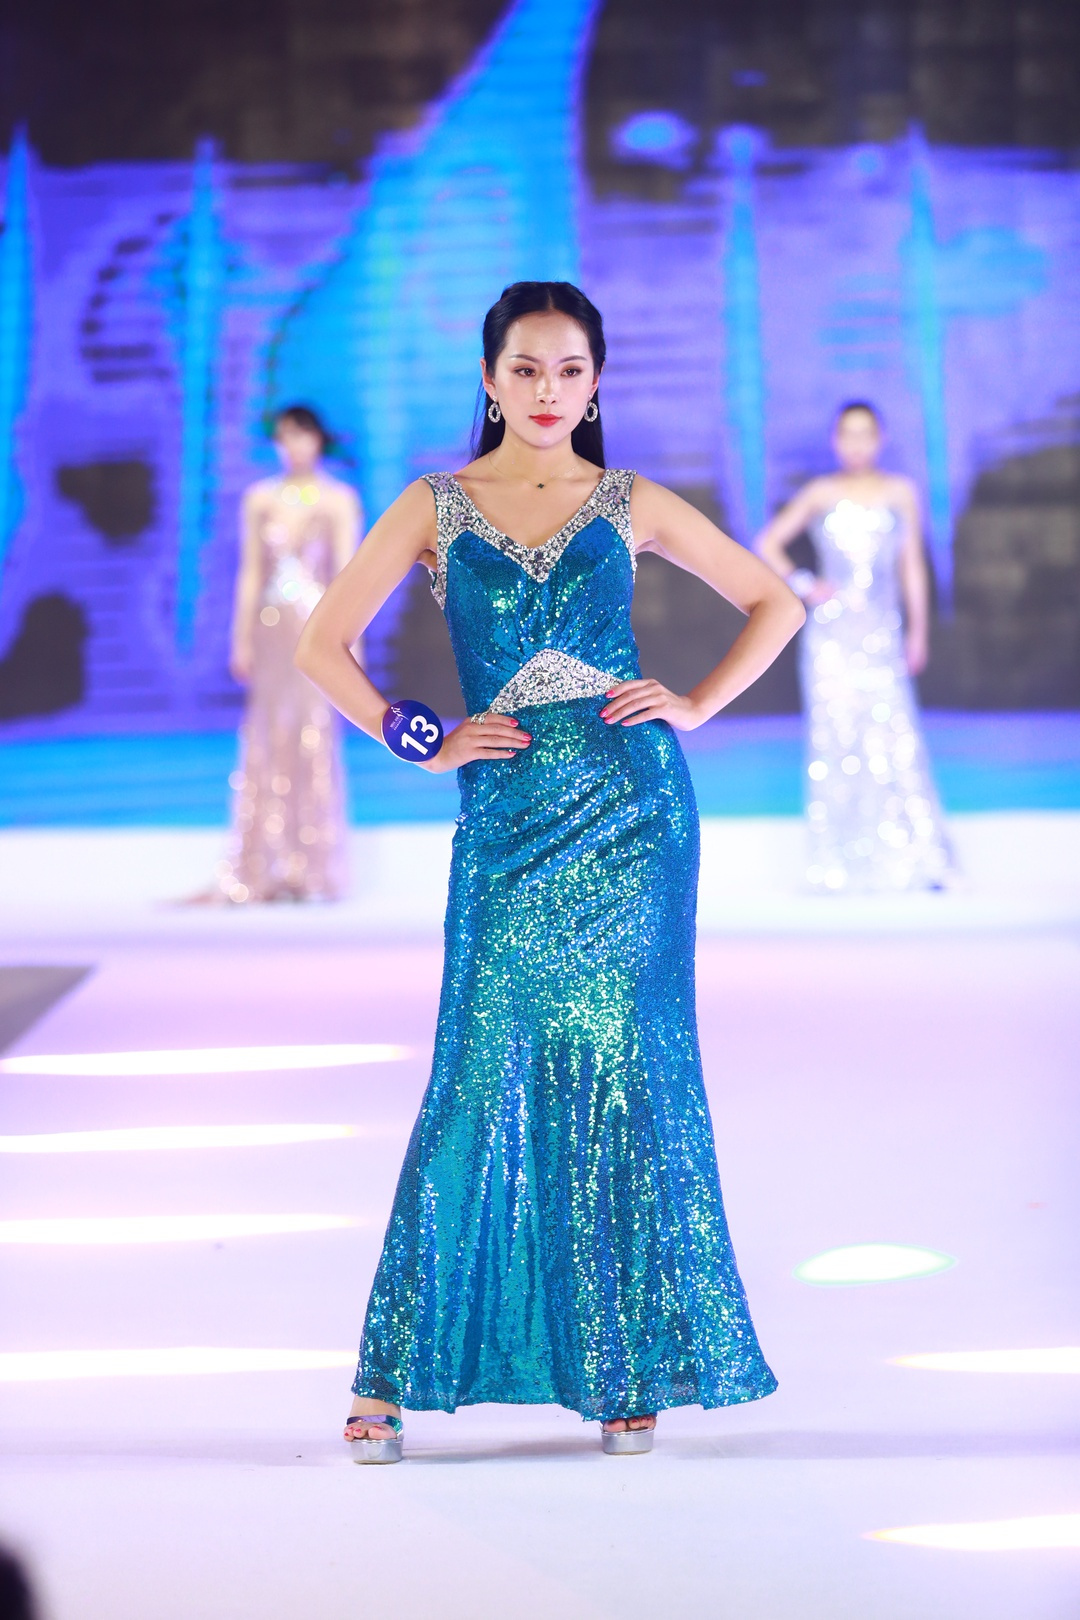 中国选美大赛_2018世界亚裔小姐选美大赛中国总决赛在京完美落幕